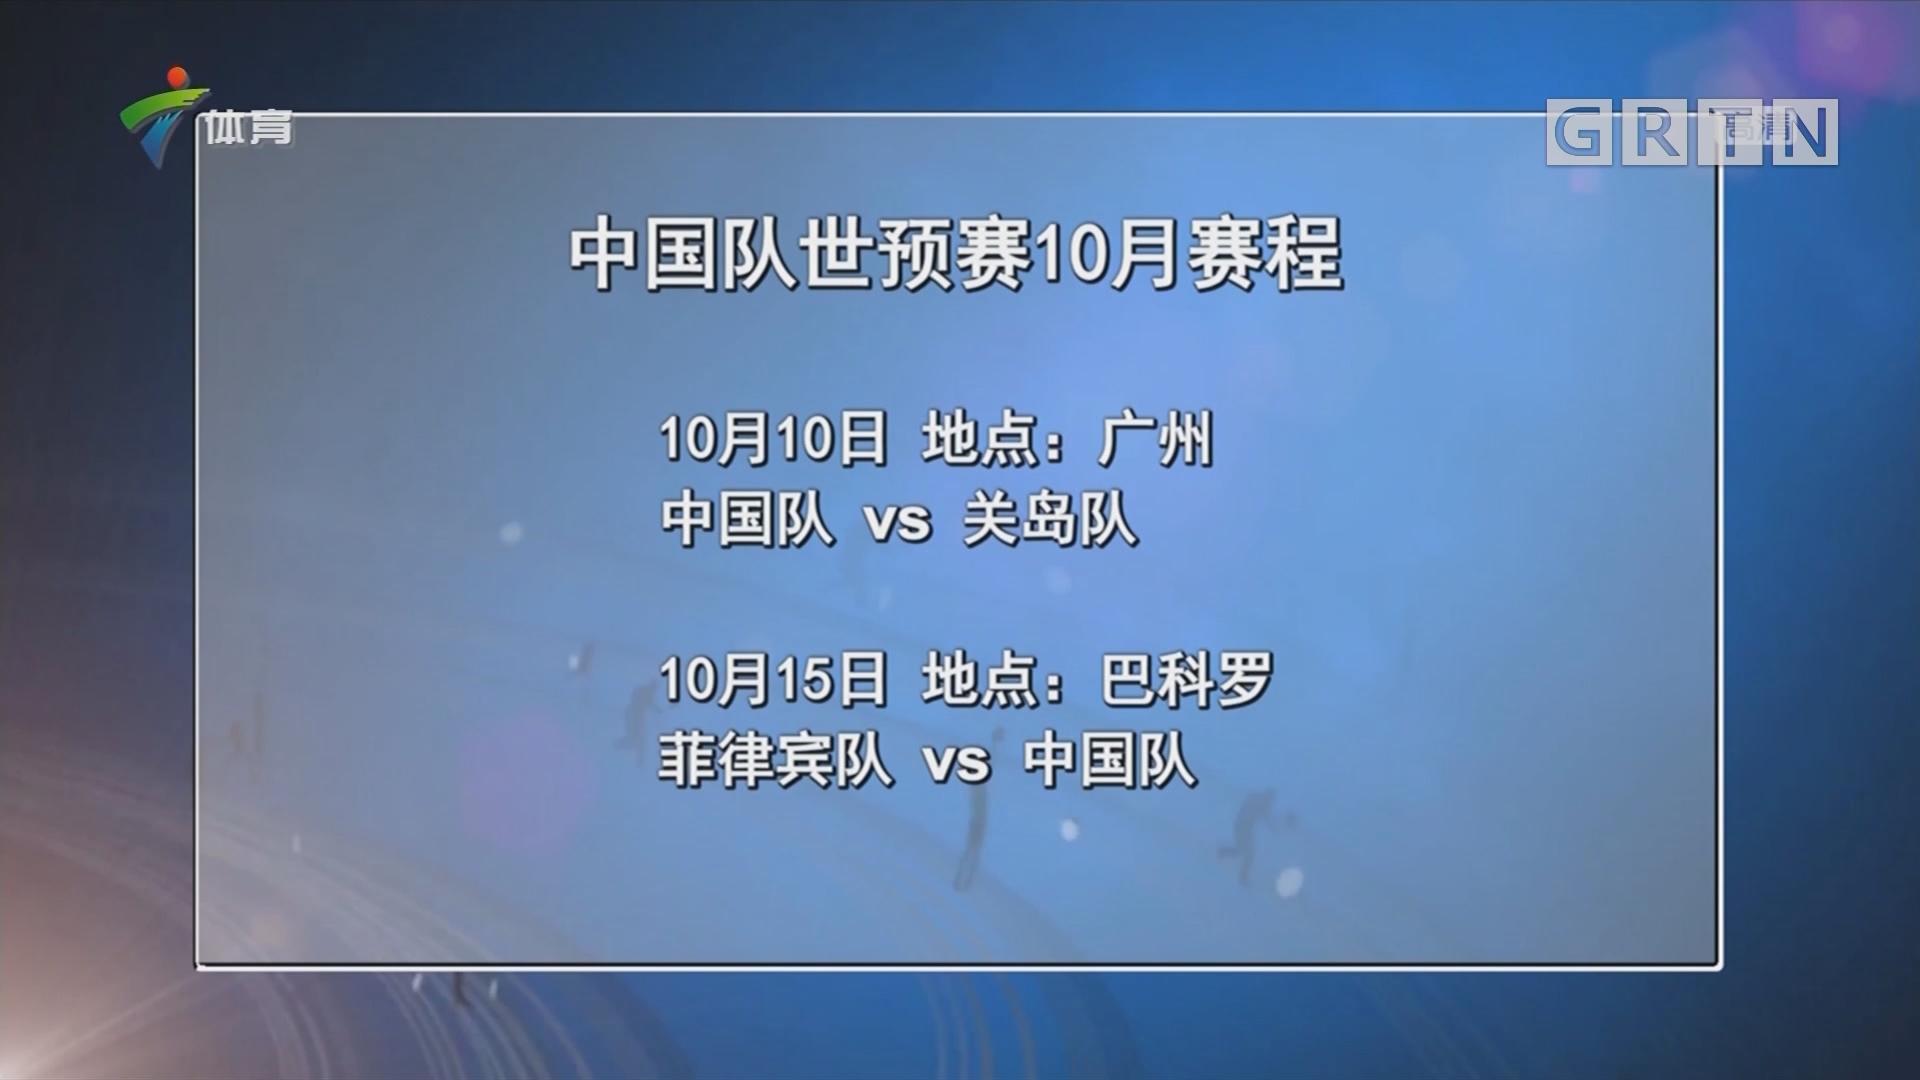 中國隊世預賽10月賽程